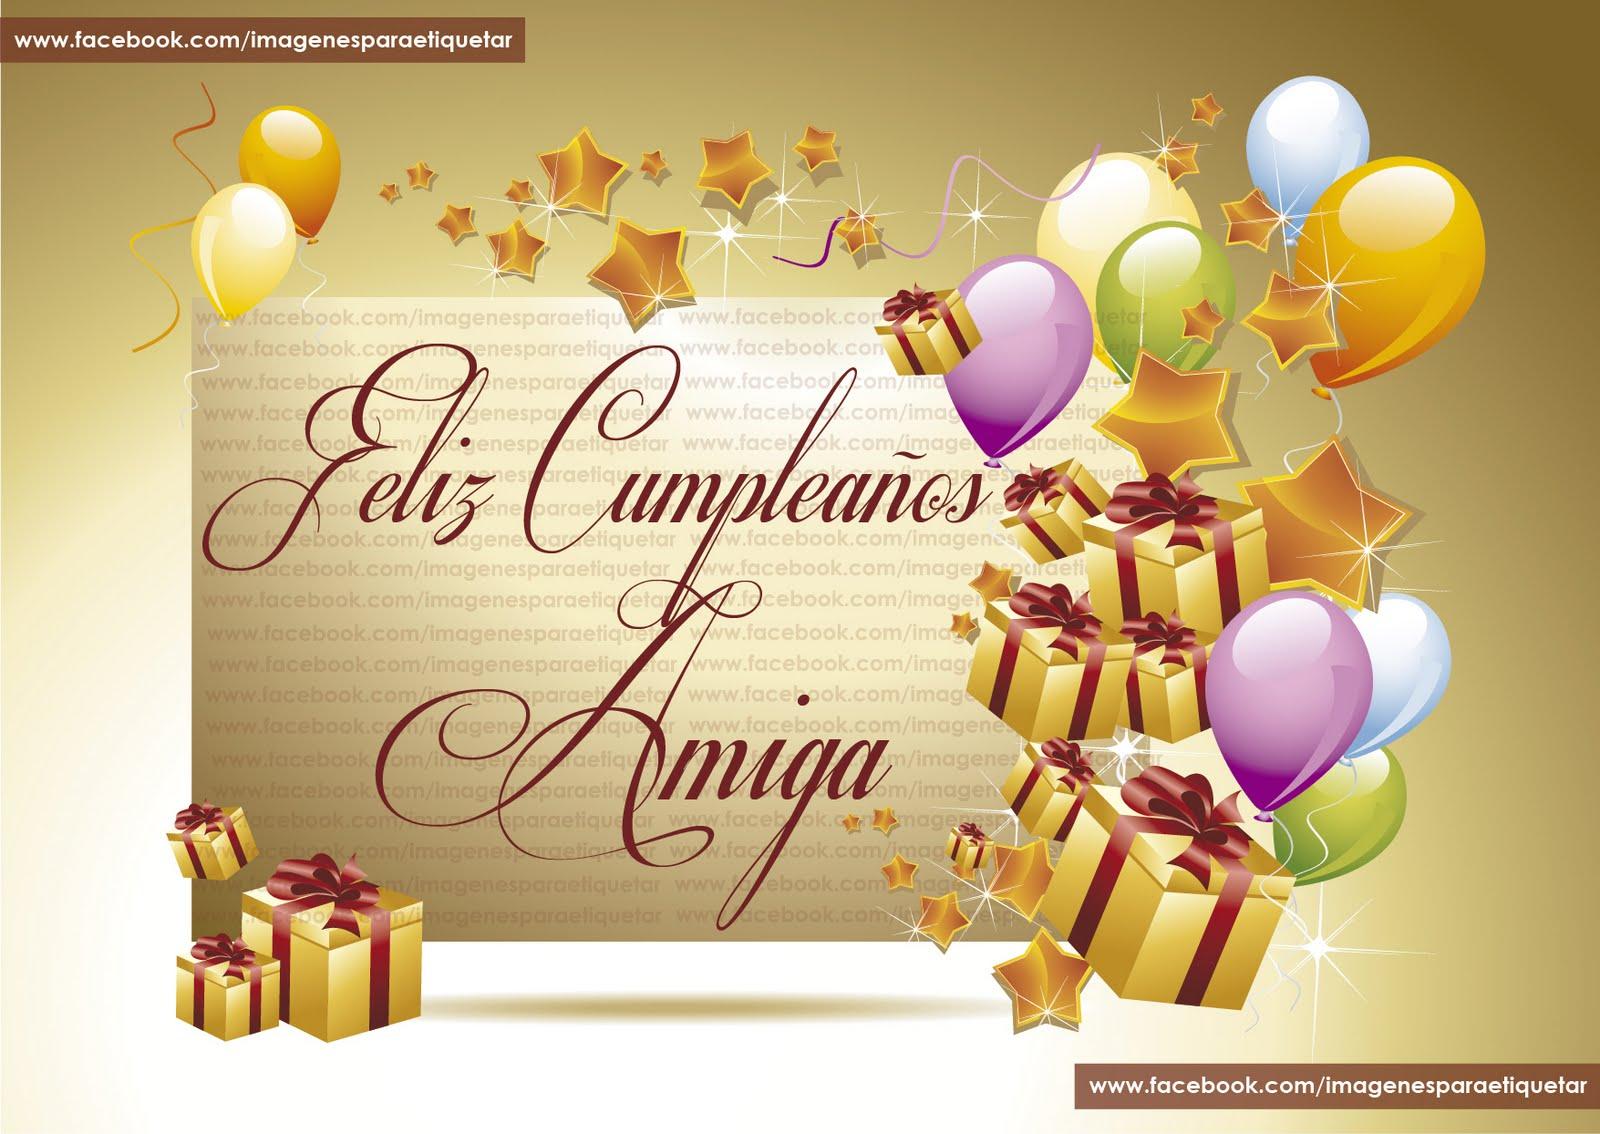 Поздравления с праздником на испанском